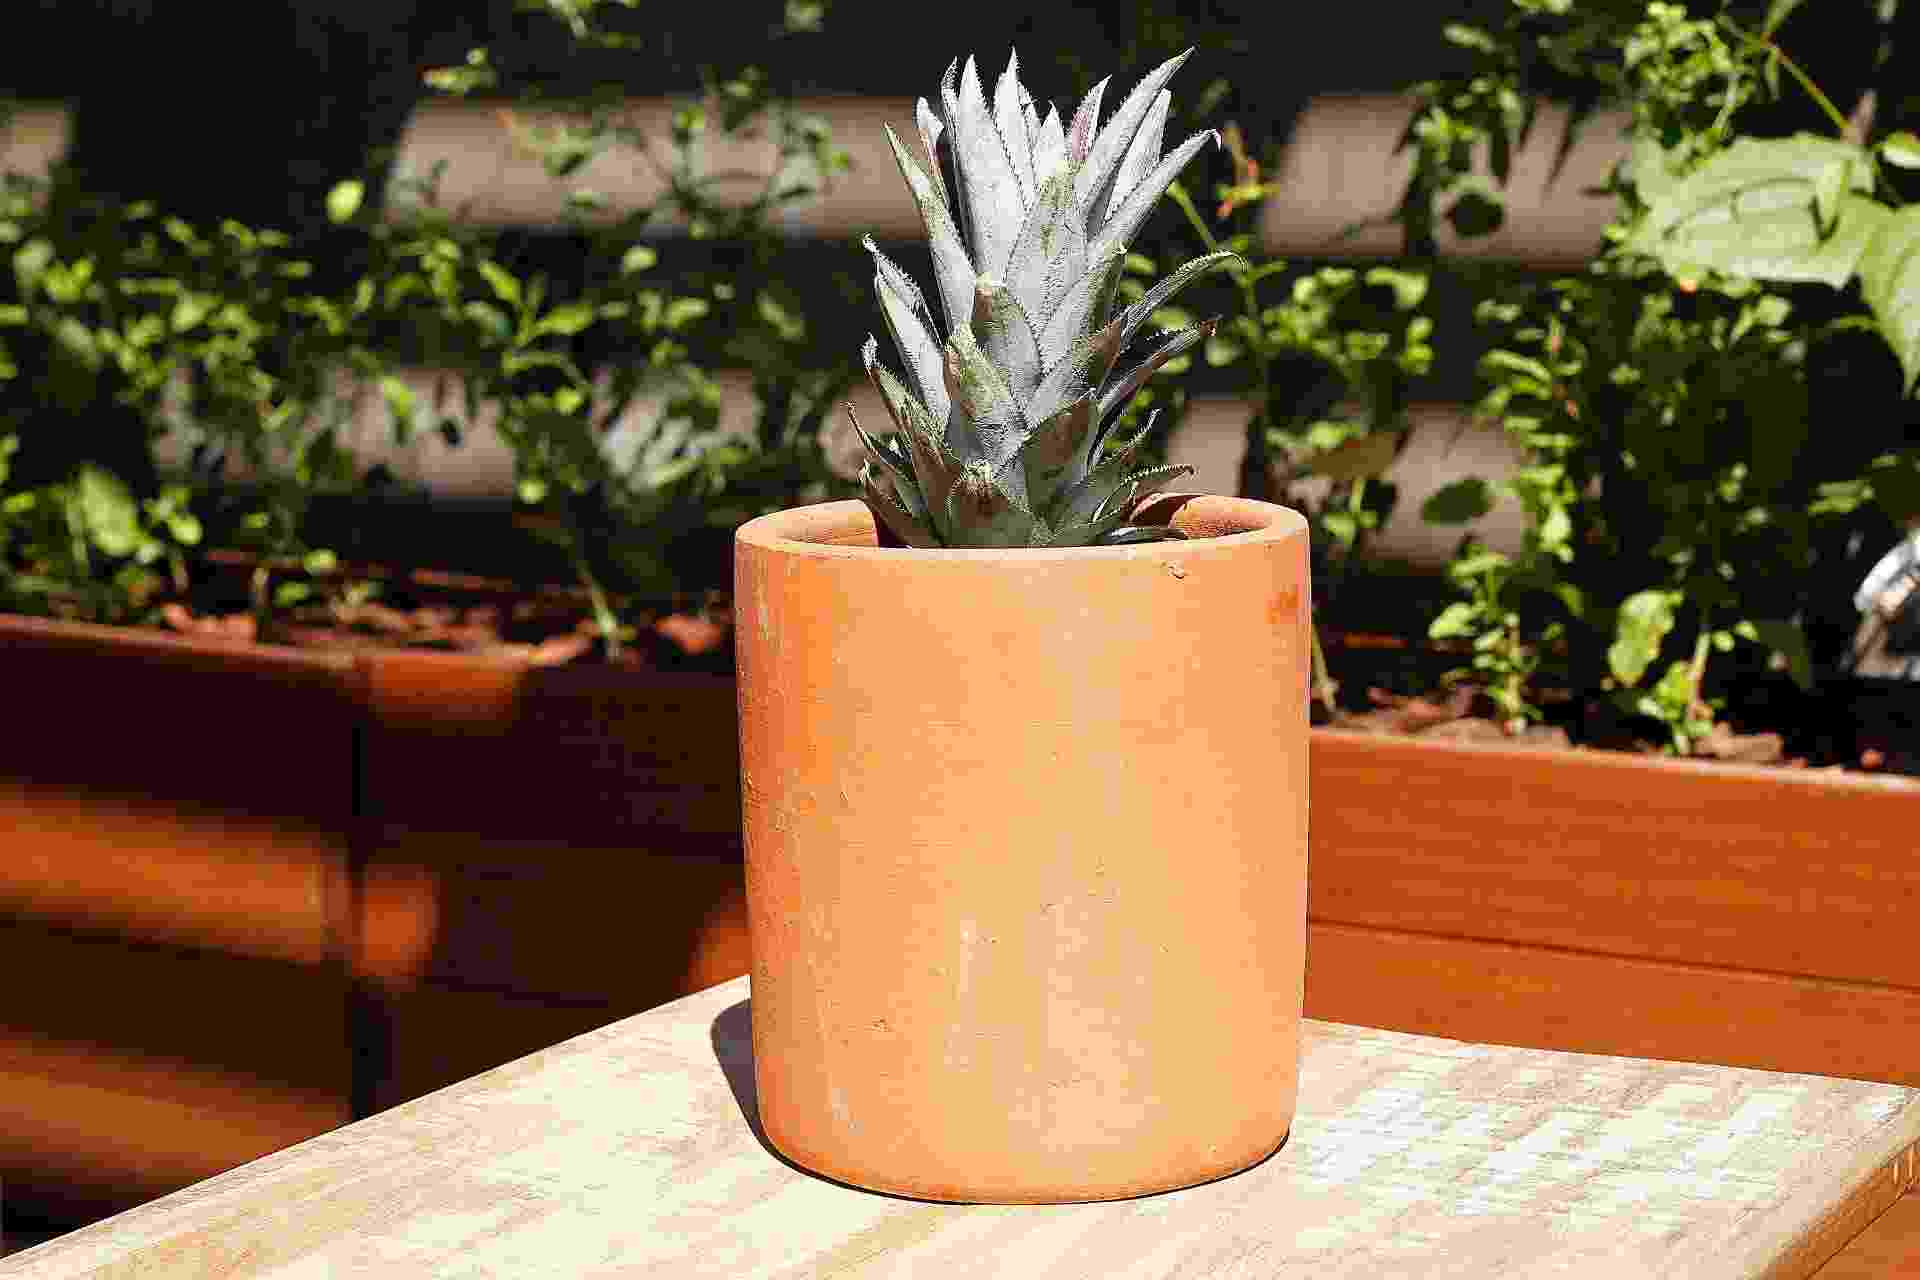 Passo a passo ensina como plantar abacaxi em vaso - Reinaldo Canato/ UOL